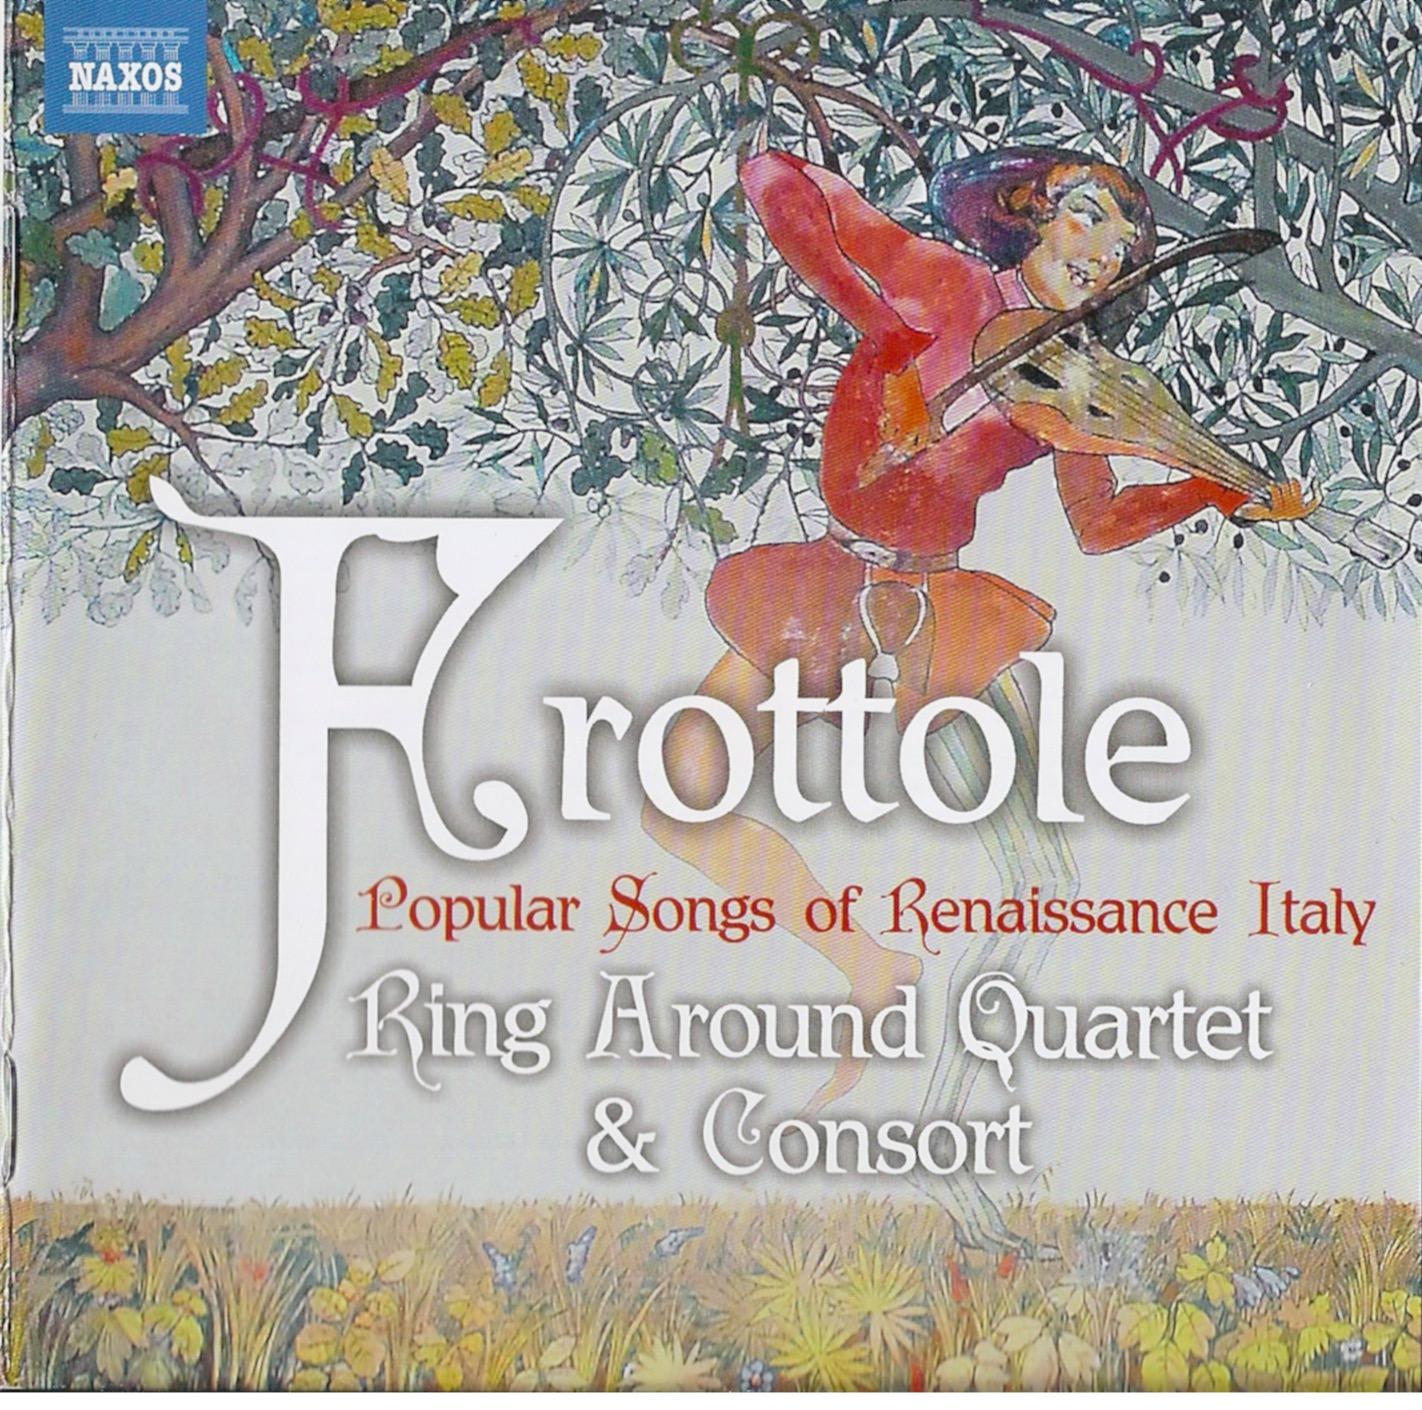 Kammermusikkammer La Frottola Eine Fast Vergessene Kunstgattung